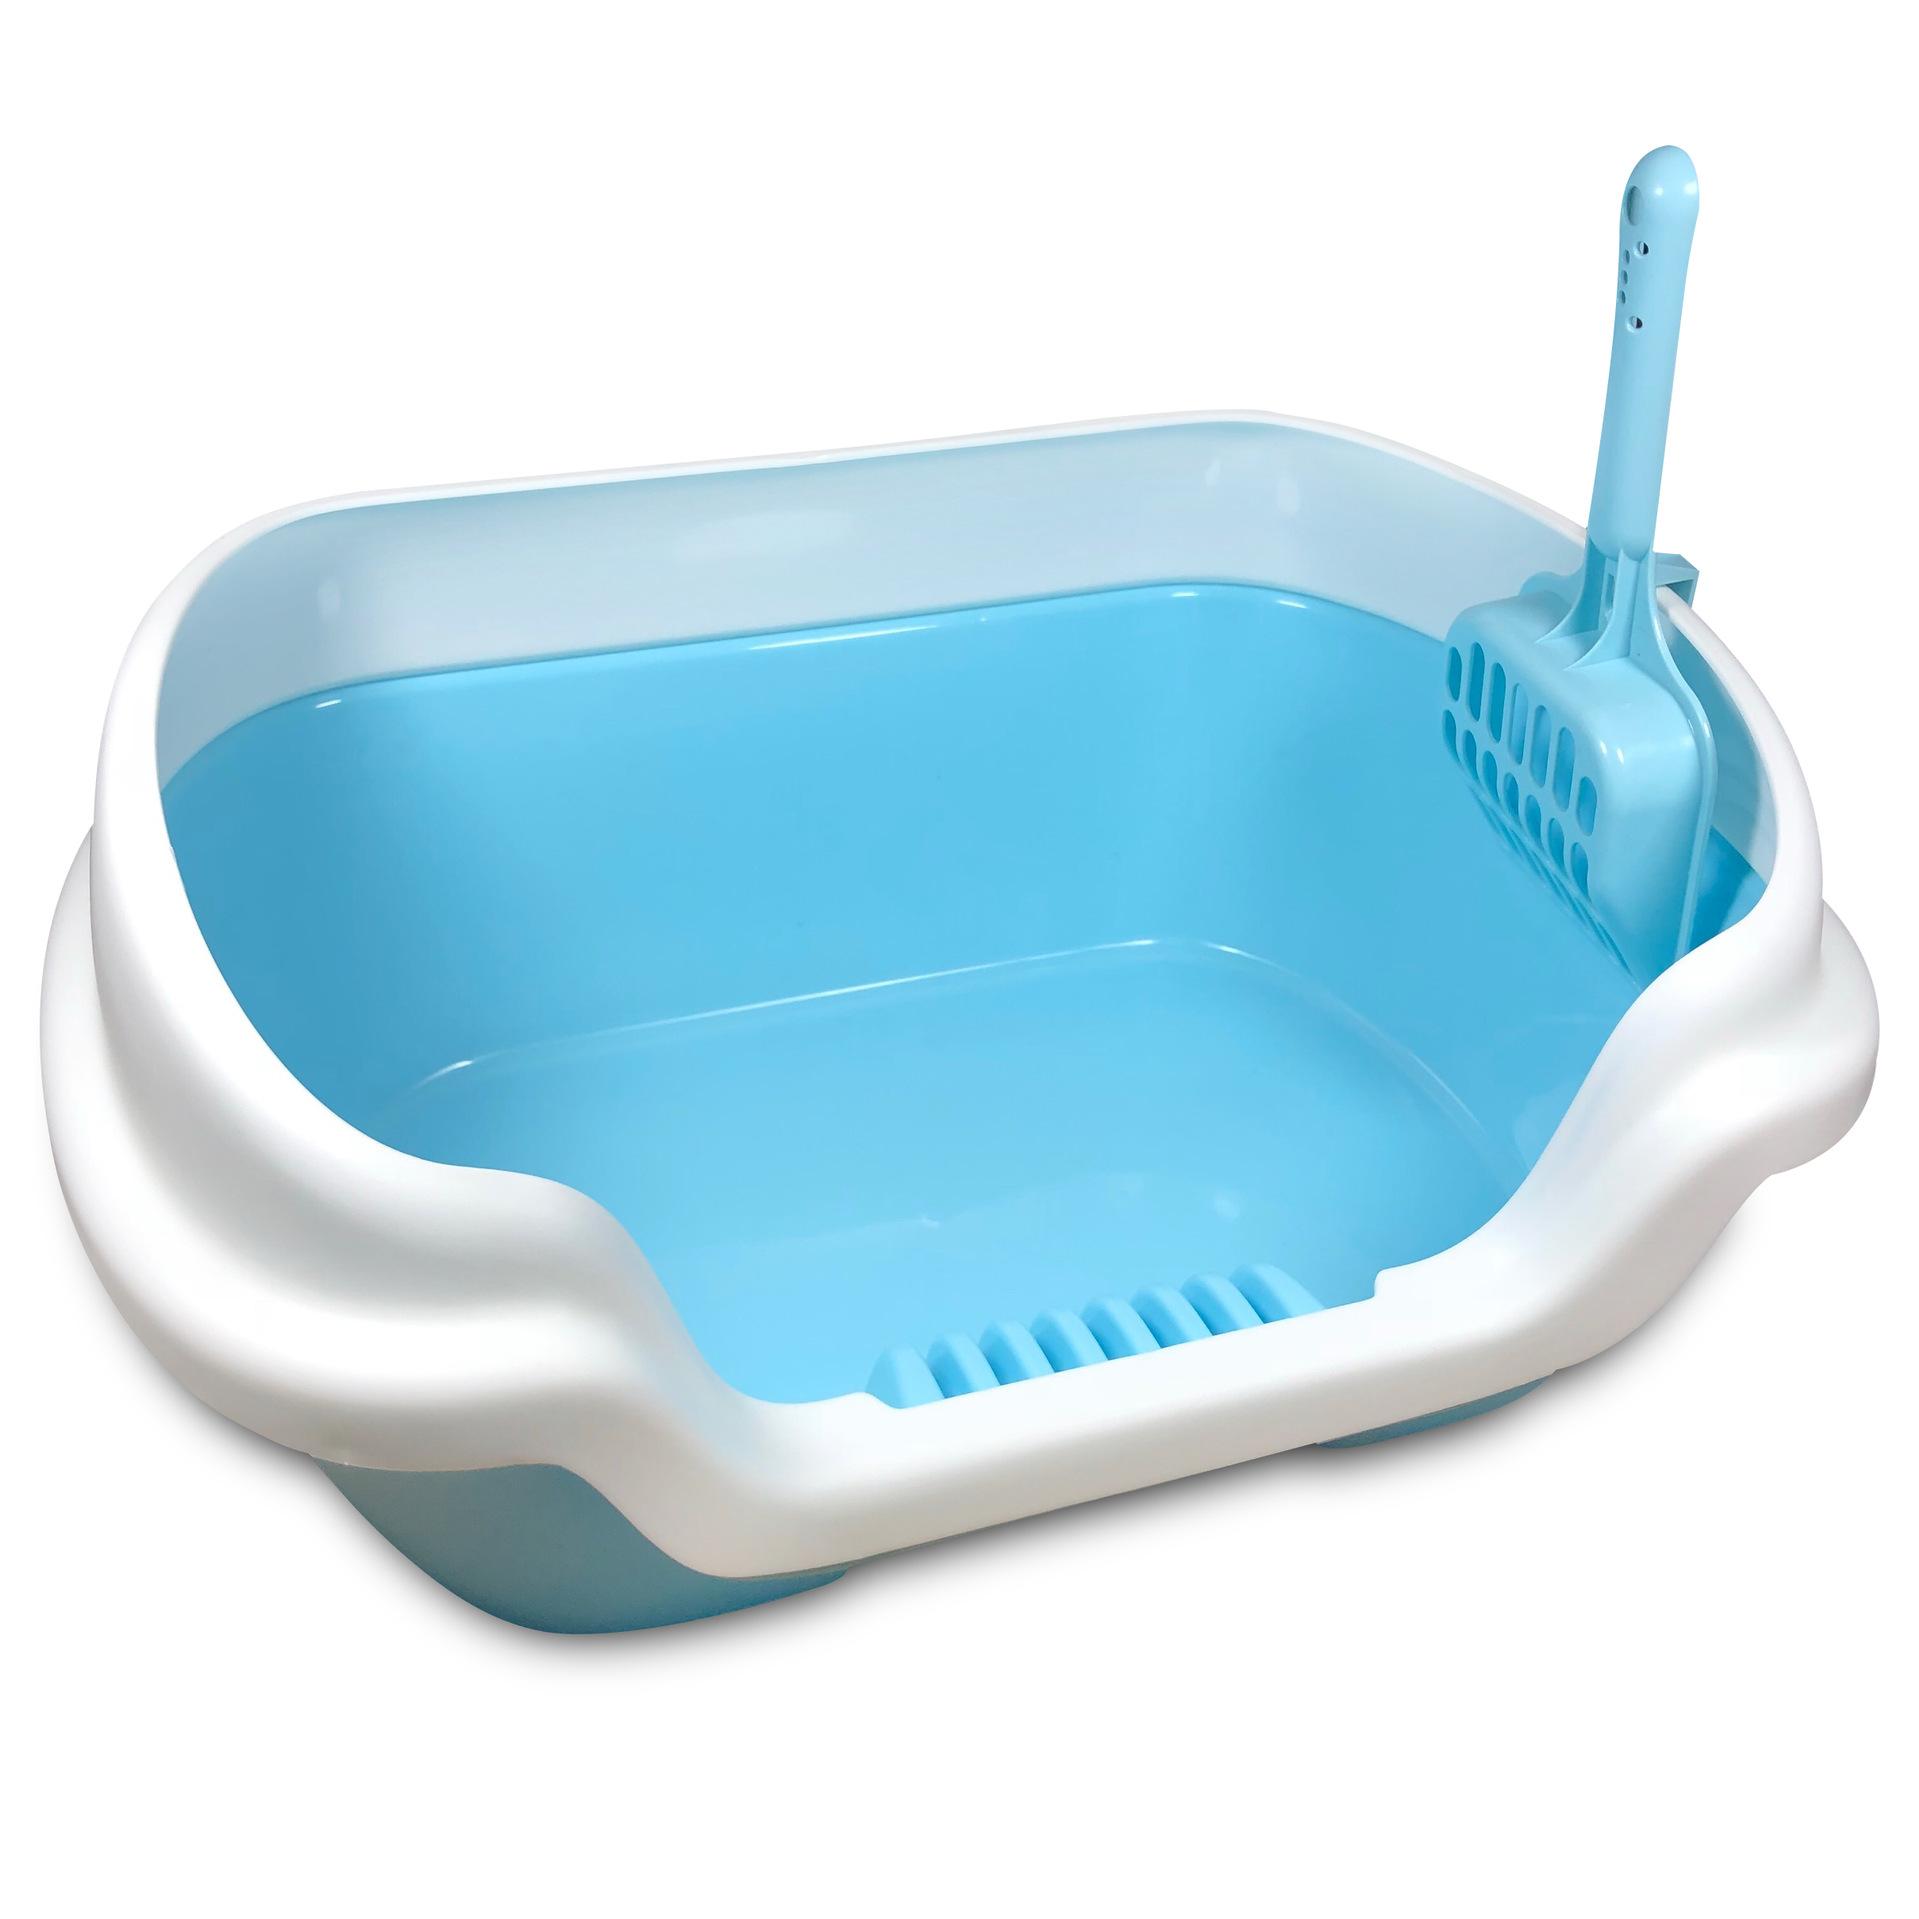 Semi enclosed design of medium size plastic cat litter basin to prevent sand leakage